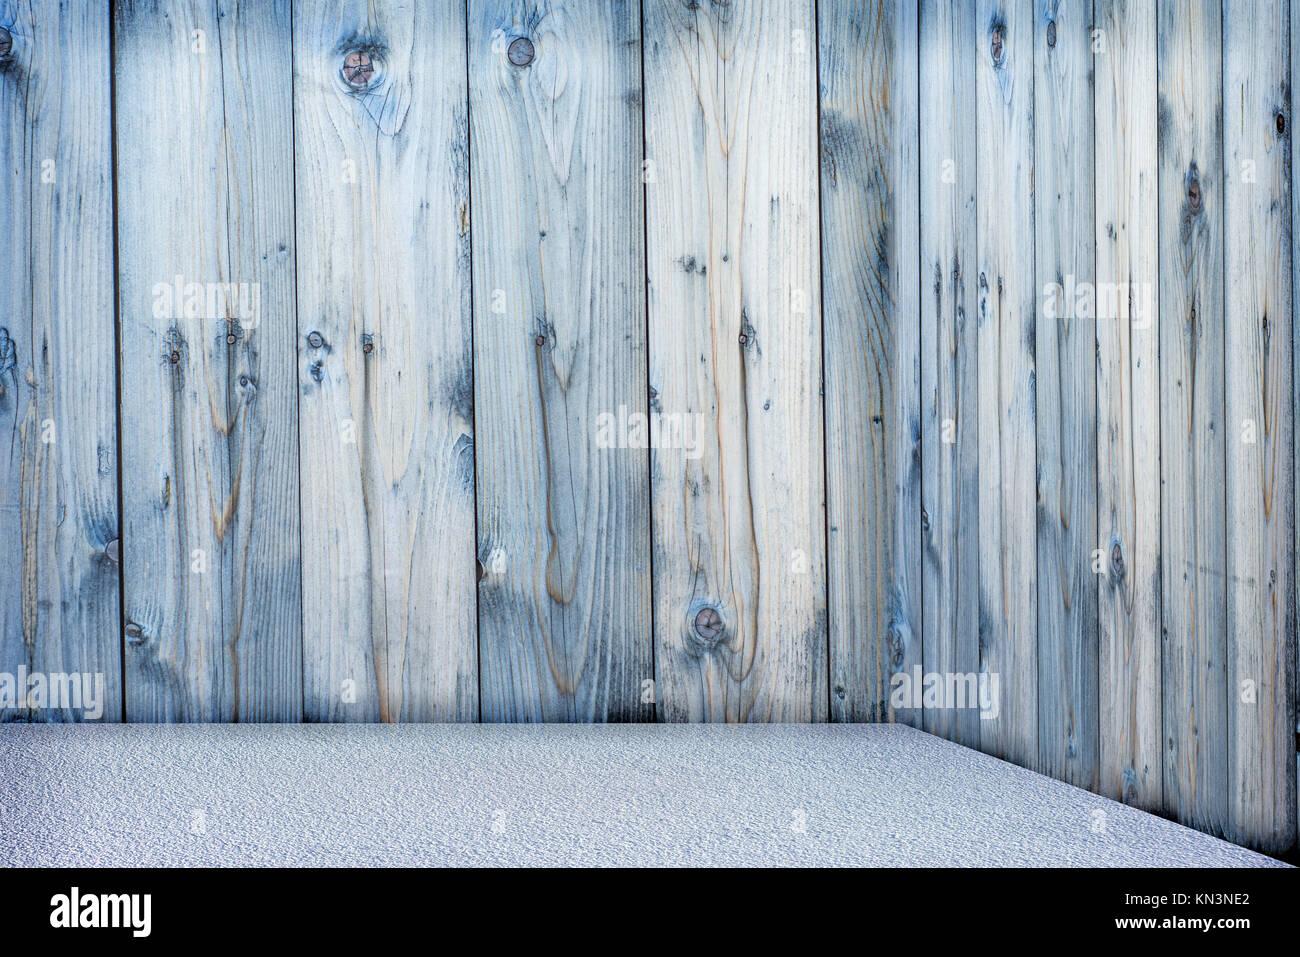 Empty room. - Stock Image